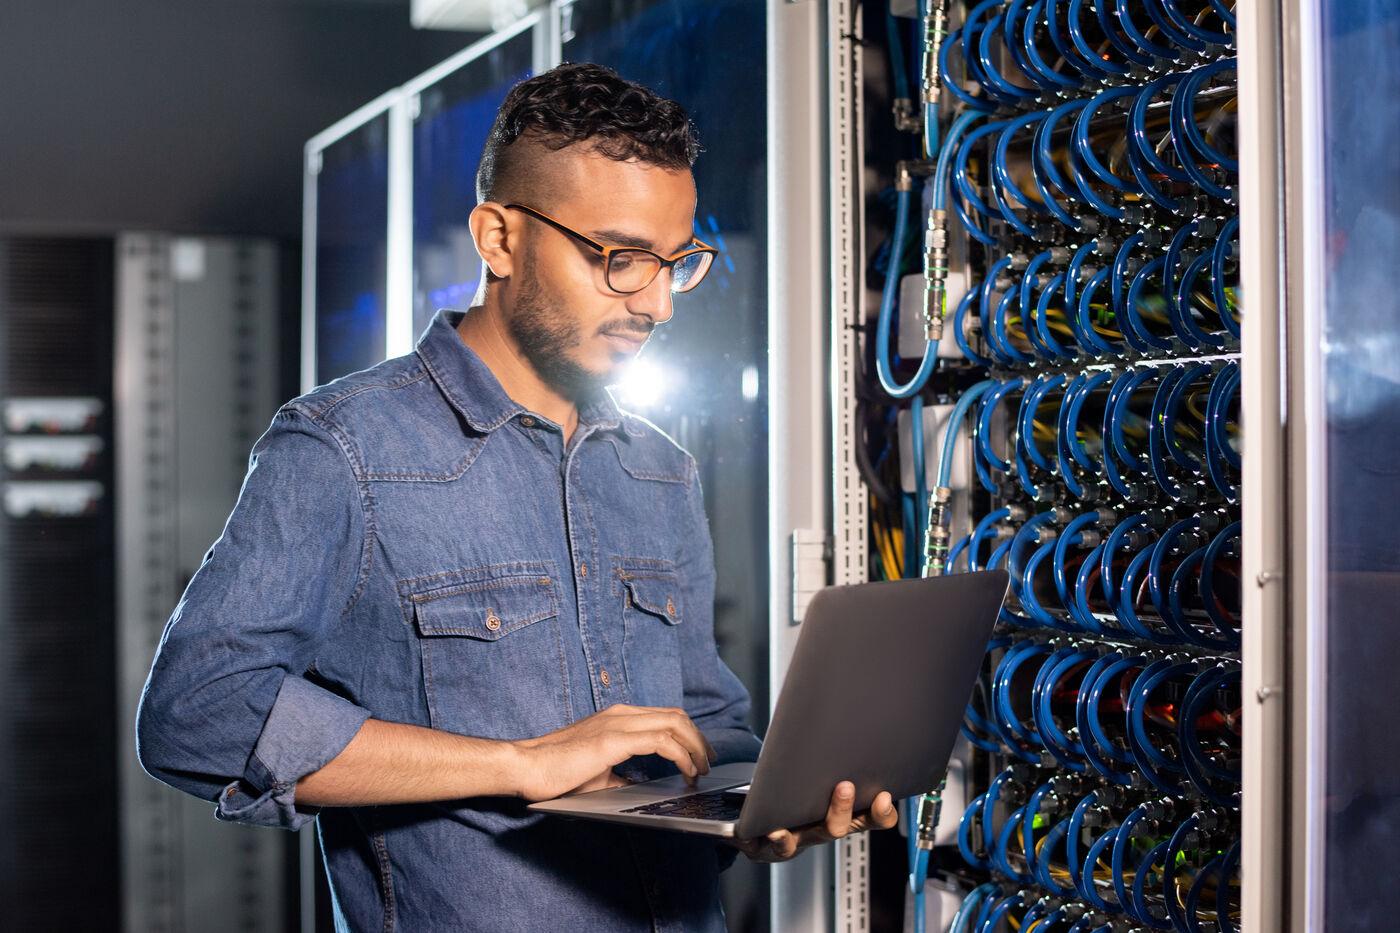 Elektromeister als technischer Betriebsleiter (m/w/d) - Job Heidelberg - Jobs bei Discovergy - Application form